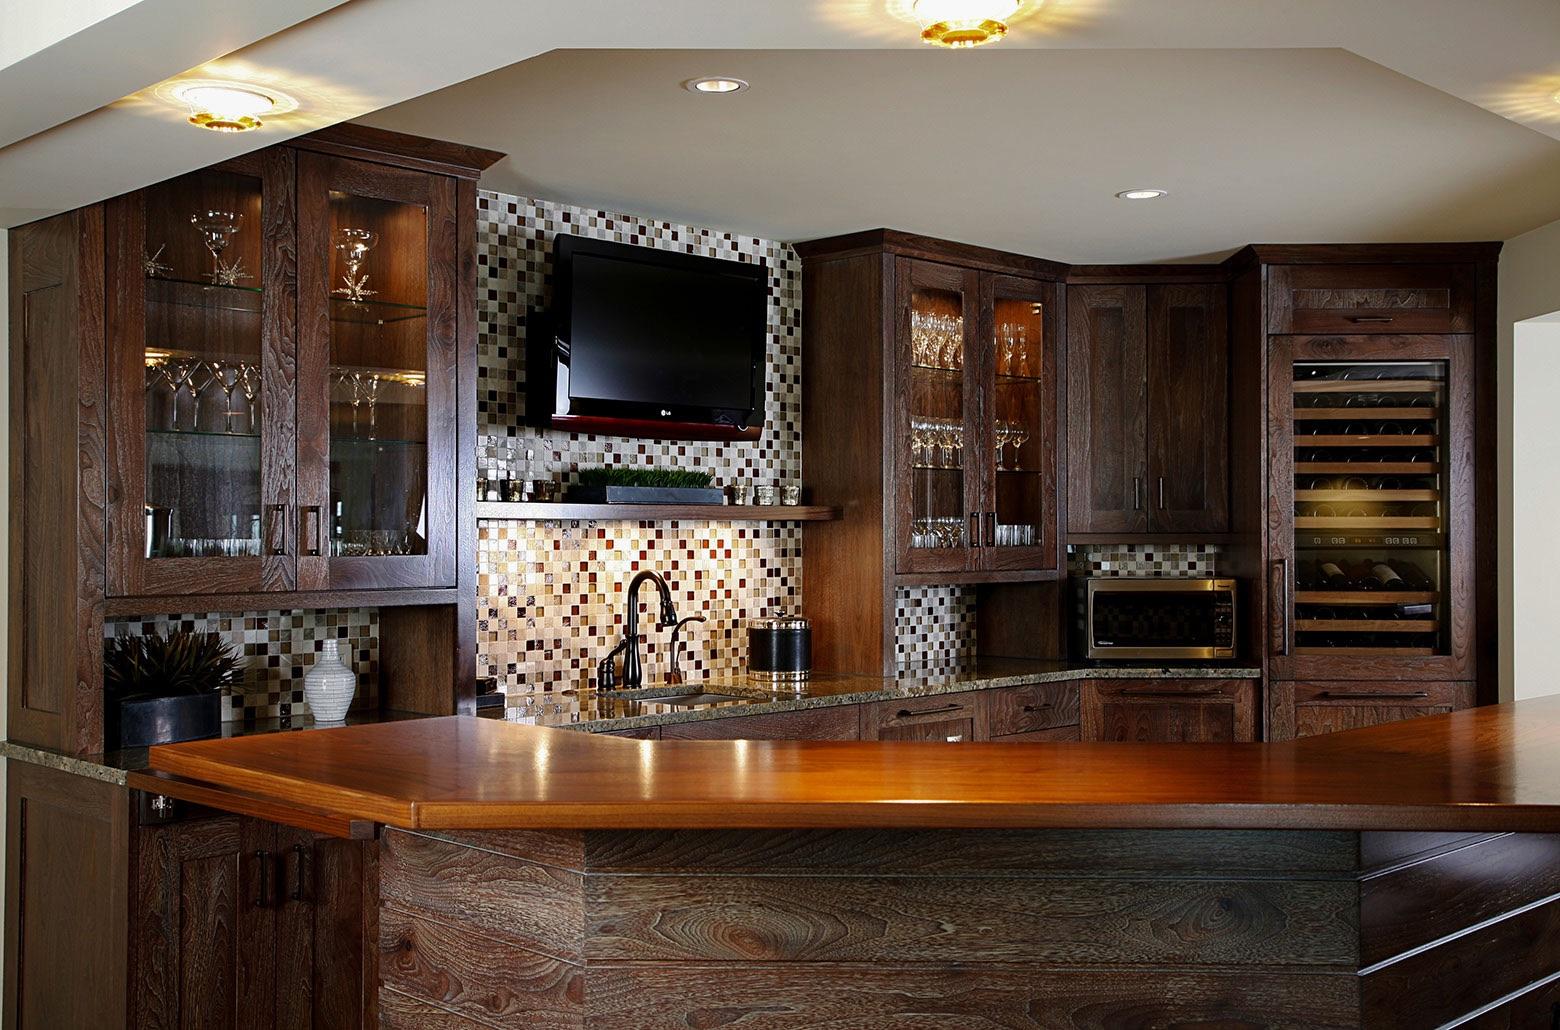 remodeled kitchen interior